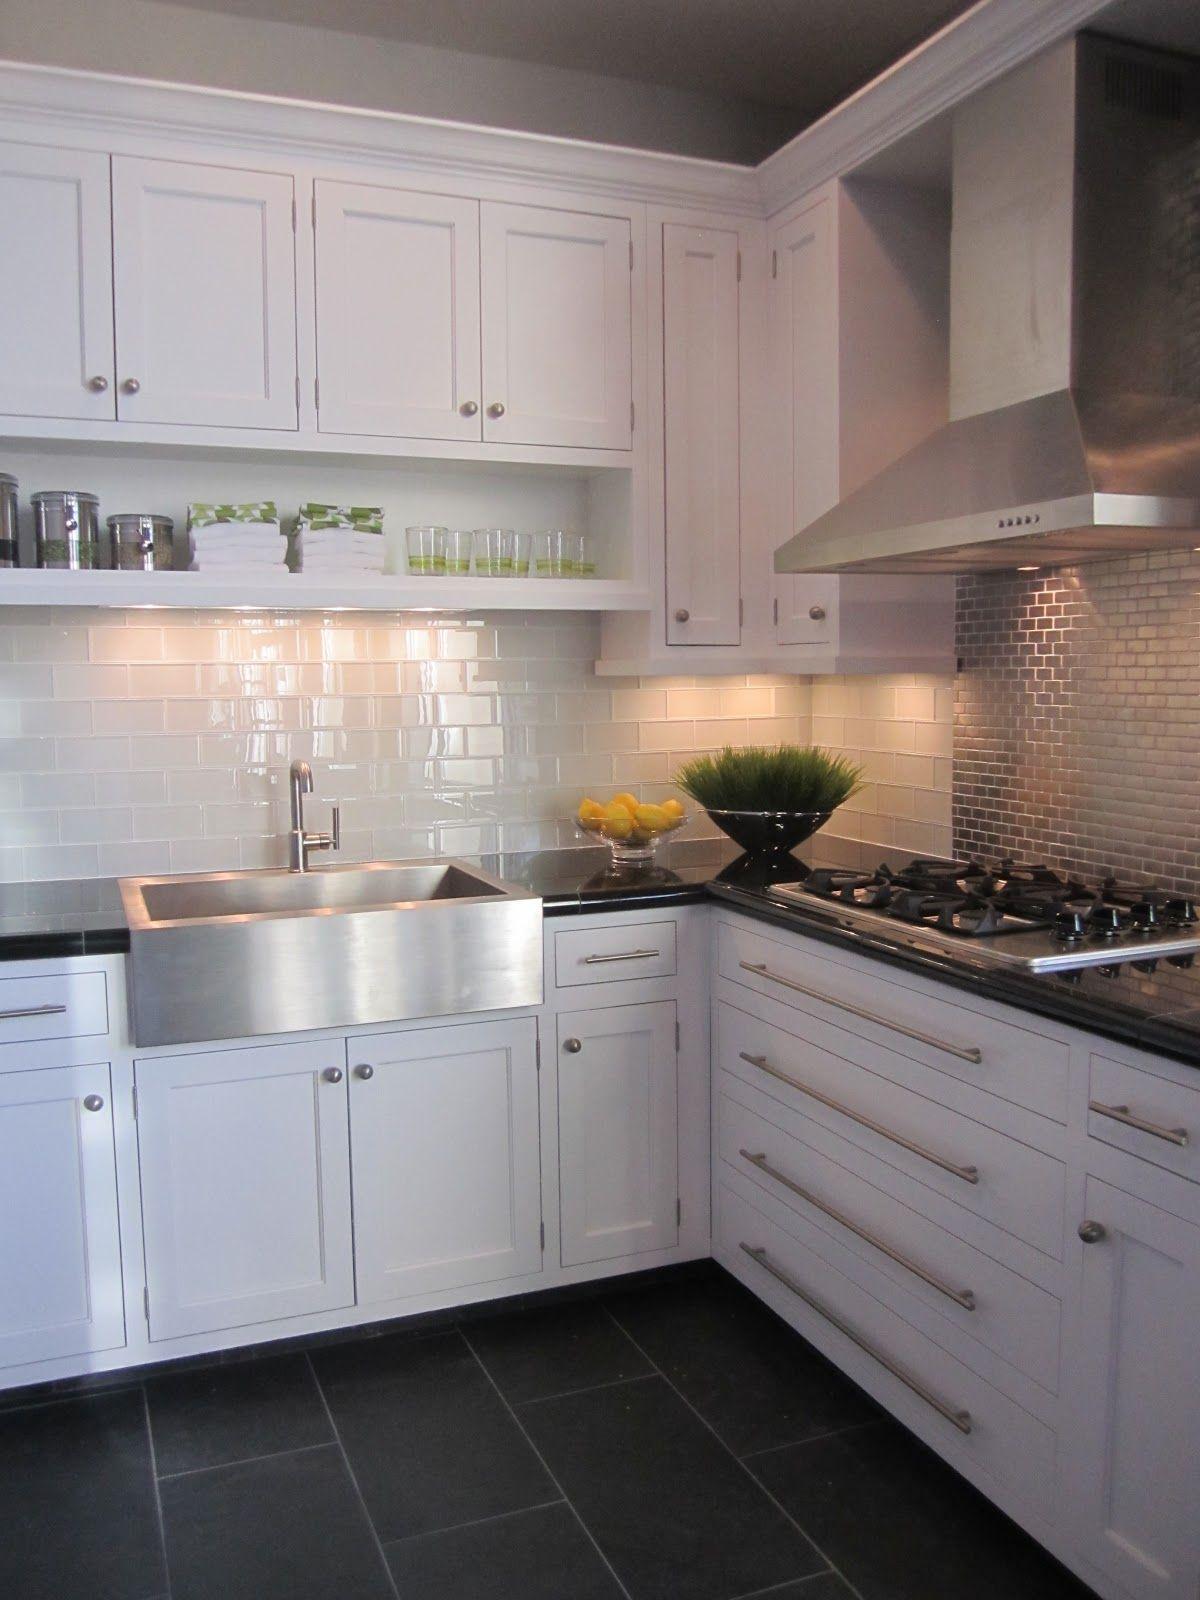 gray kitchen floor tile for kitchen floor kitchen white cabinet dark grey floor tiles kitchen white cabinet dark grey floor tiles Stuff